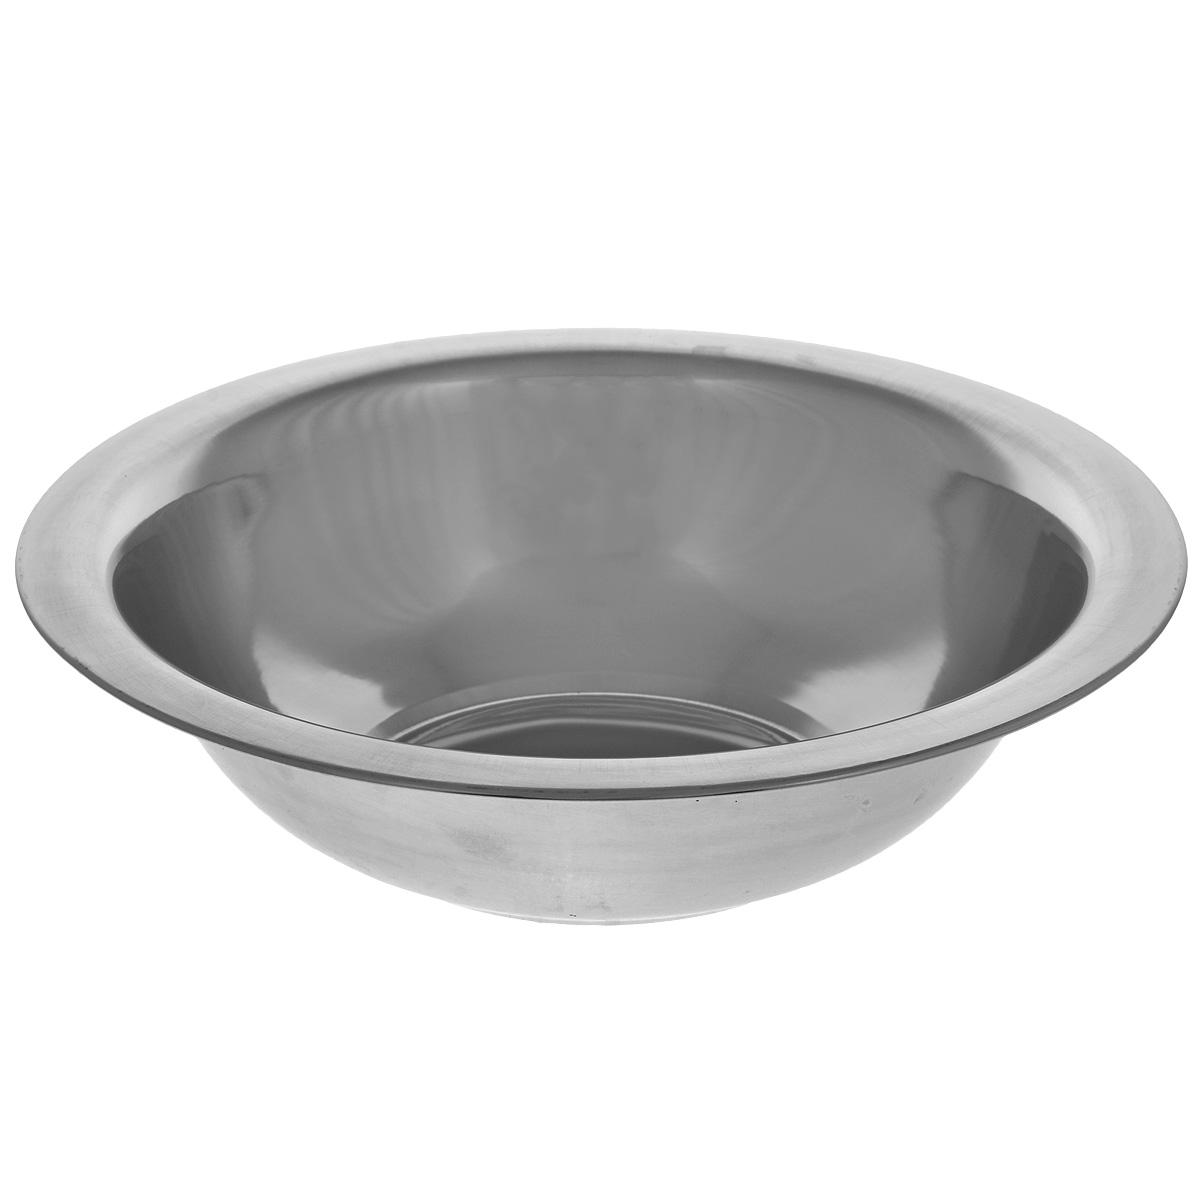 Миска Padia, диаметр 26 см5000-02Миска Padia изготовлена из нержавеющей стали. Удобная посуда прекрасно подойдет для походов и пикников. Прочная, компактная миска легко моется. Отлично подойдет для горячих блюд. Диаметр миски: 26 см. Высота миски: 7 см.